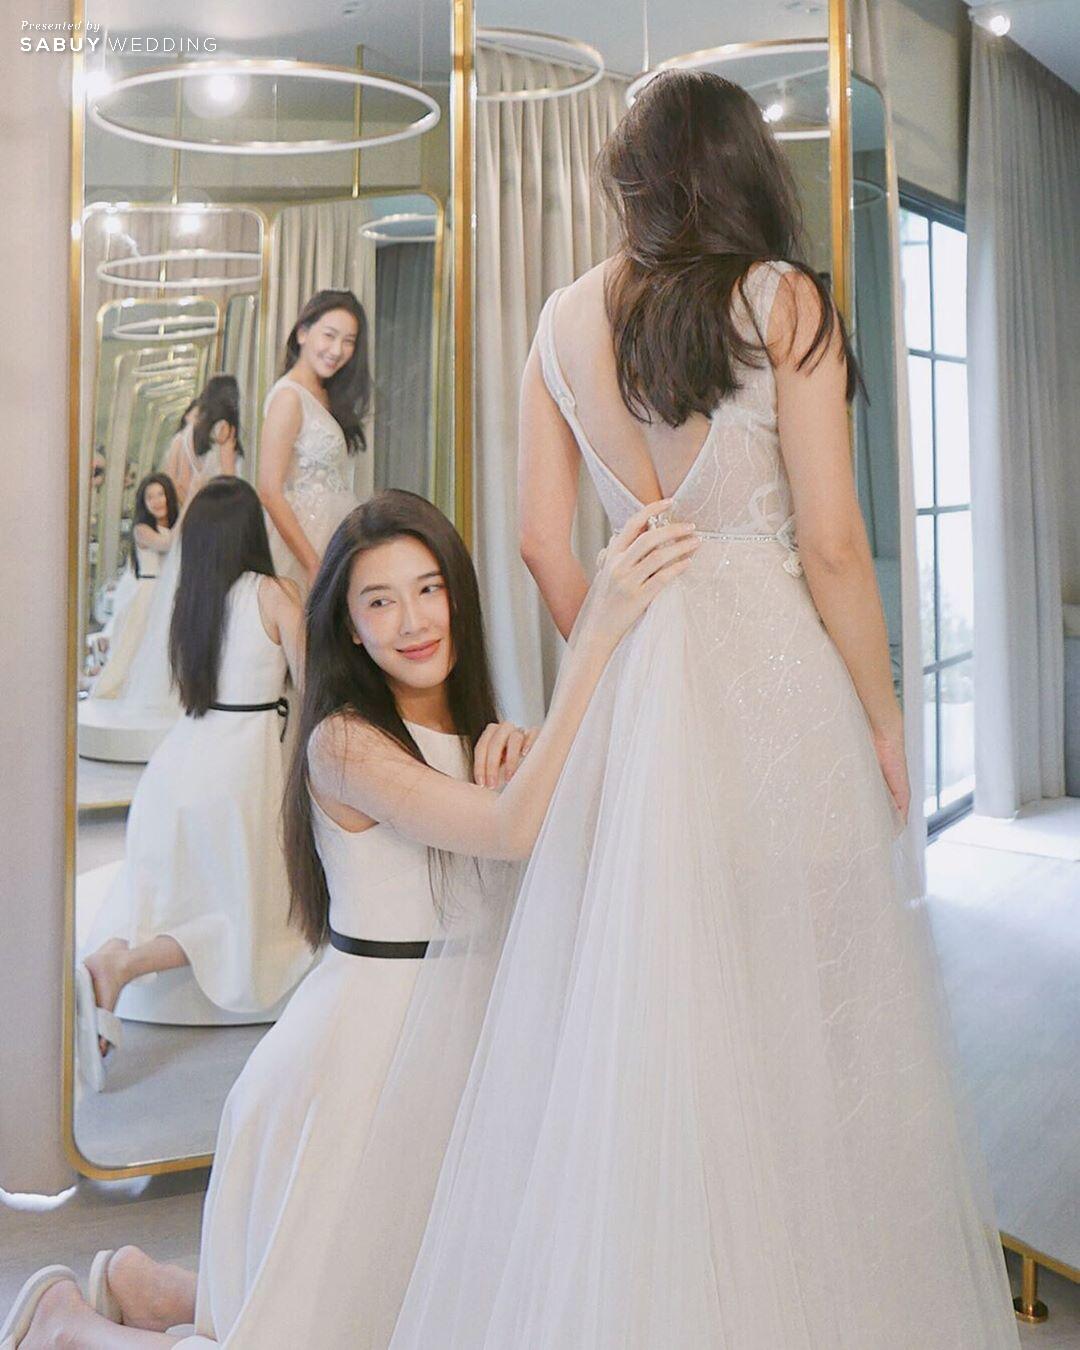 สร้างลุคสวยมีระดับ ด้วยชุดแต่งงานแบรนด์ Hi-End จากต่างประเทศ กับ Elisabeth Bridal